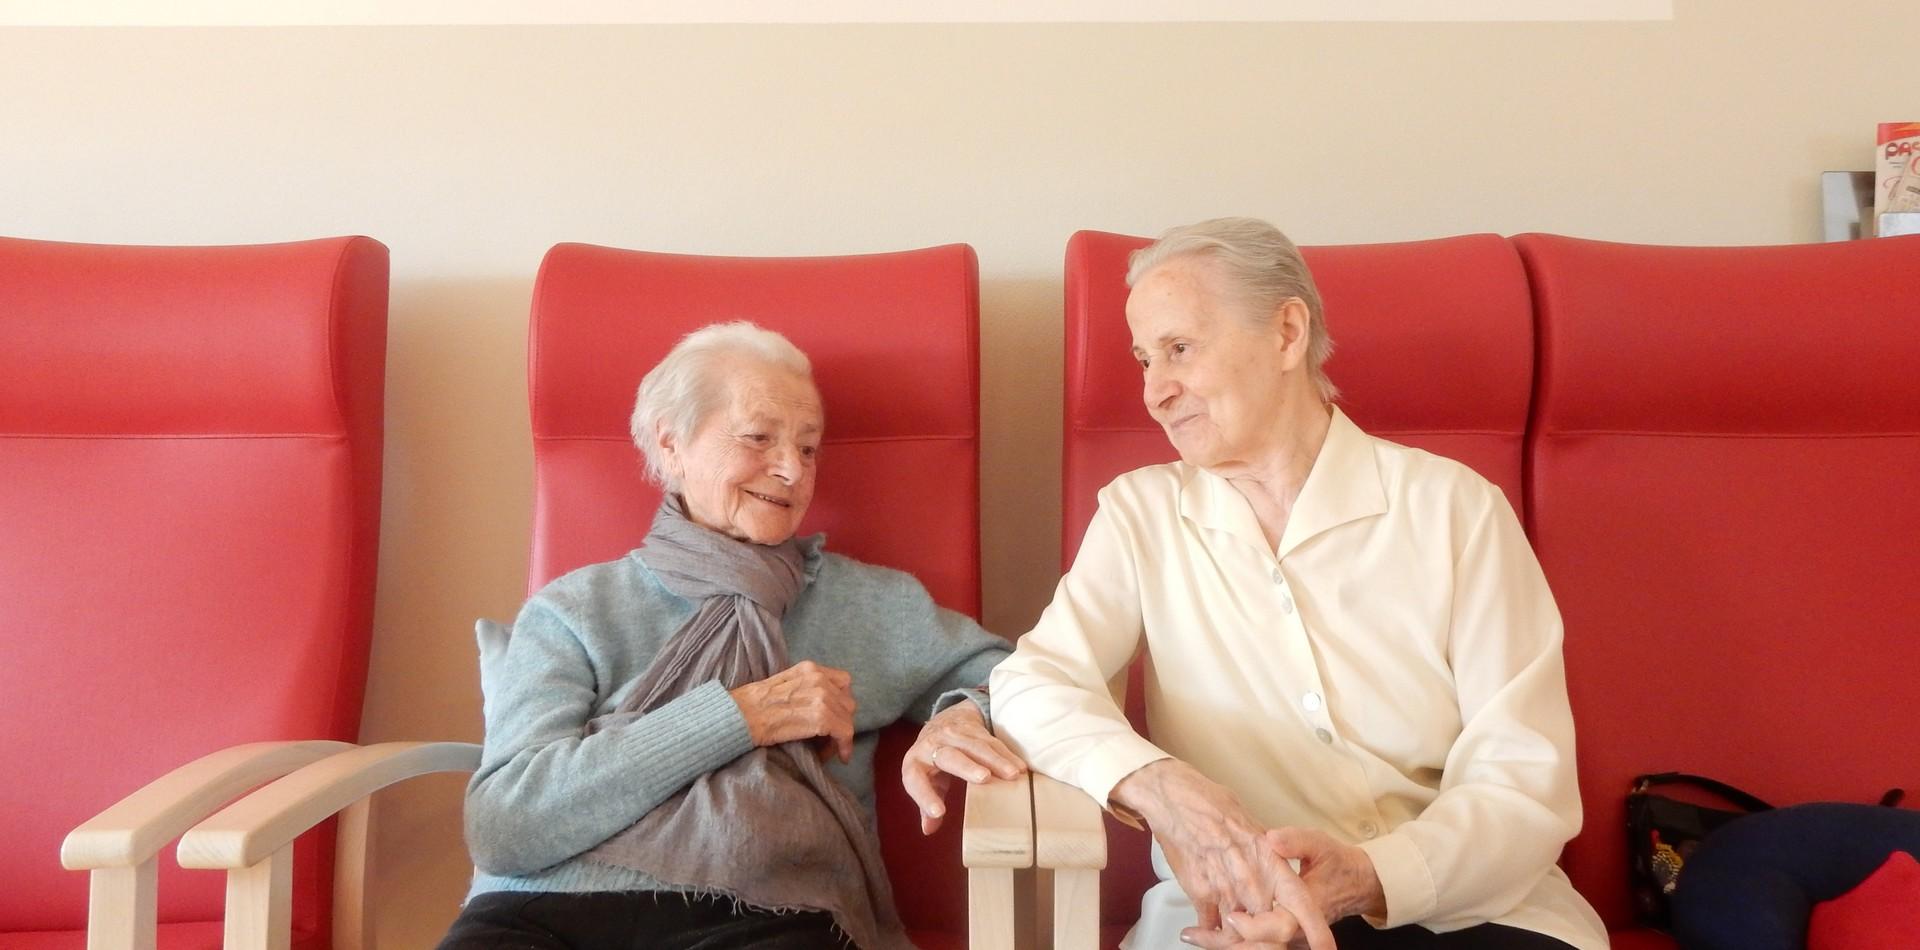 Una persona che ha cura di un'altra rappresenta il più grande valore della vita